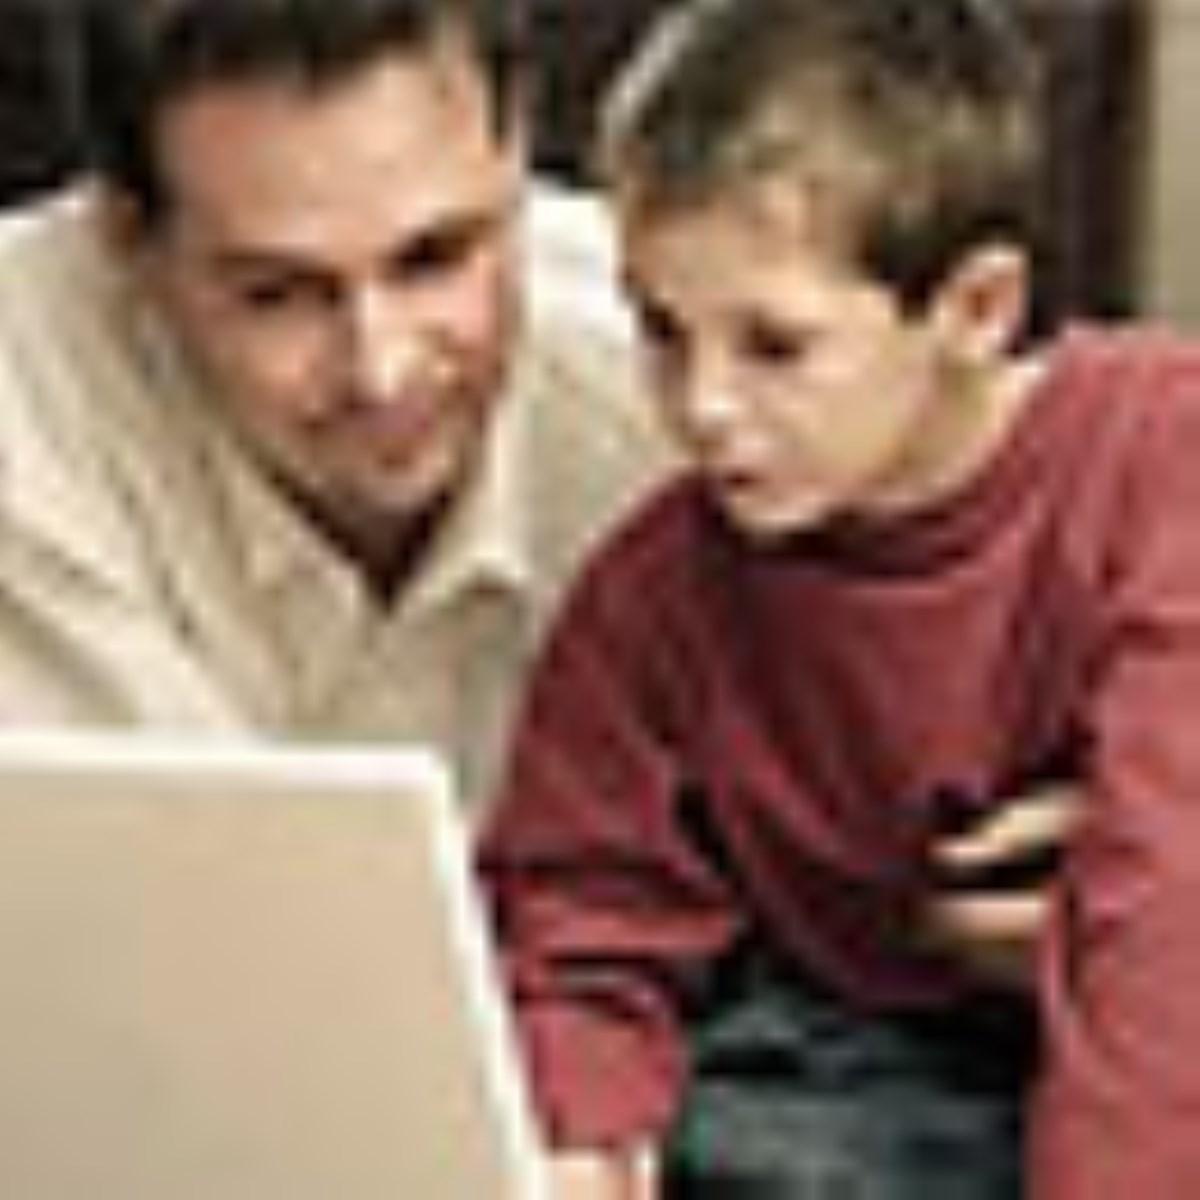 پی آمدهای بازی های رایانه ای بر کودکان و نوجوانان